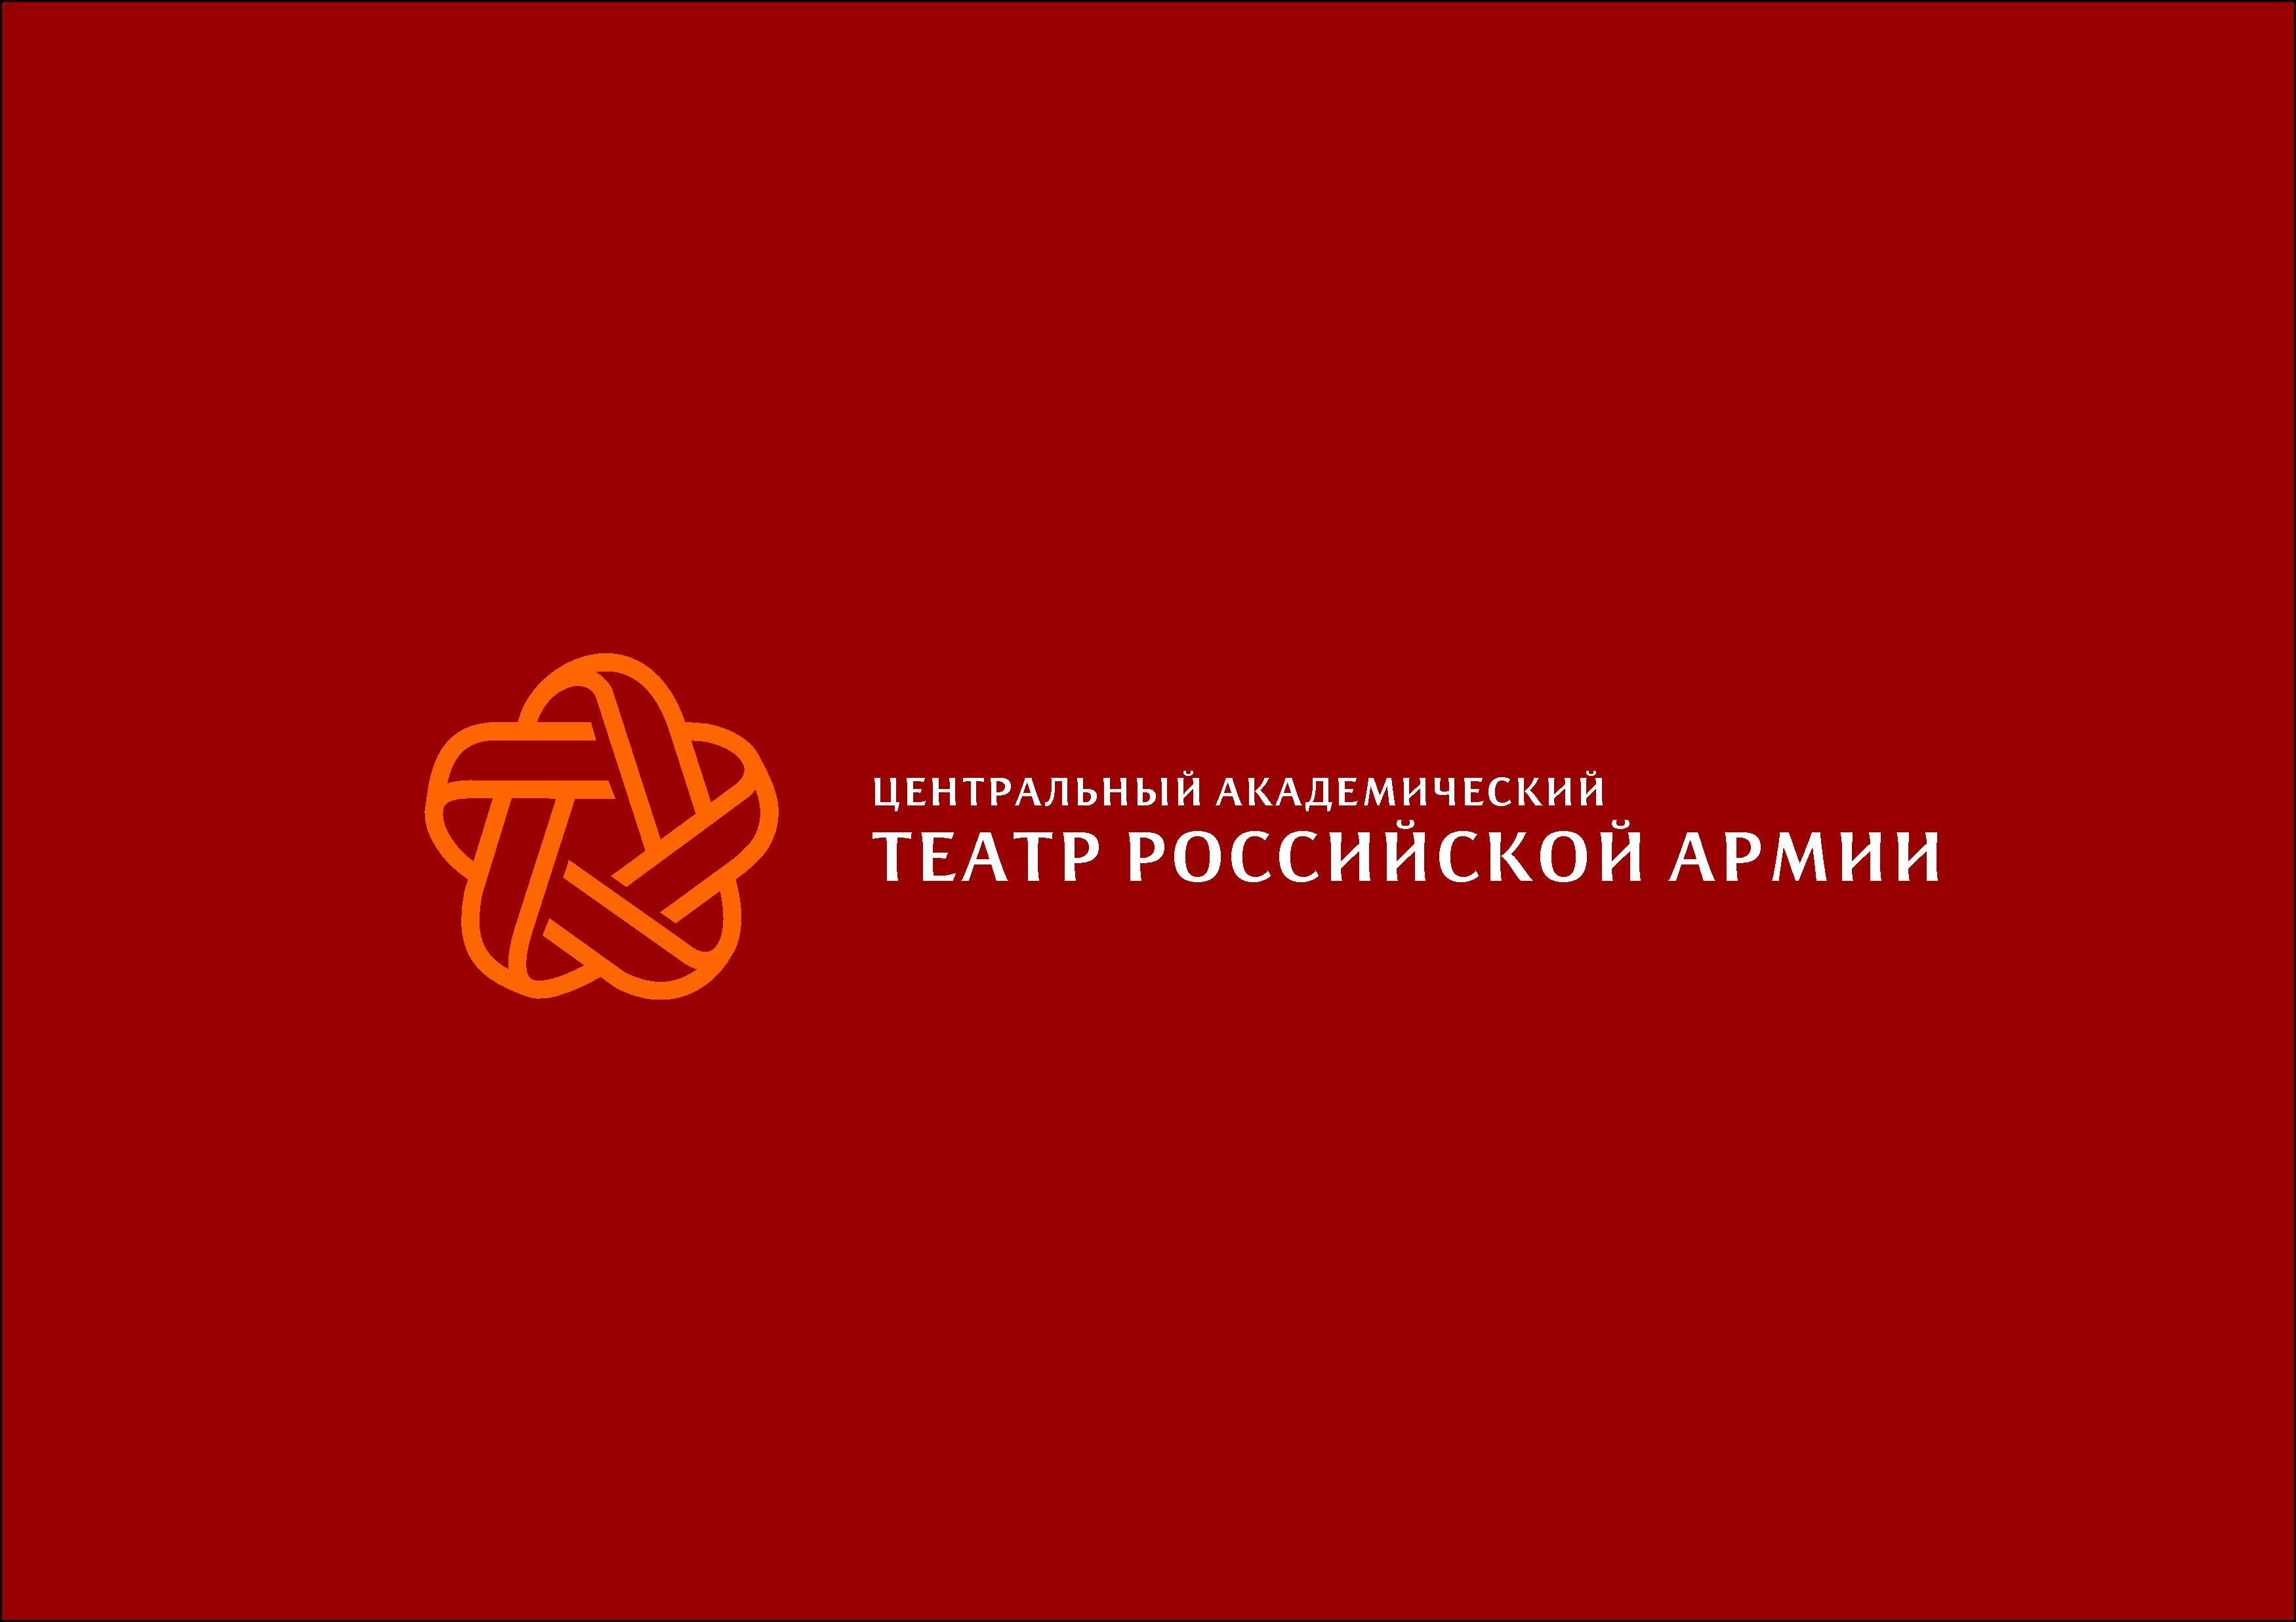 Разработка логотипа для Театра Российской Армии фото f_976588cf5b997588.jpg